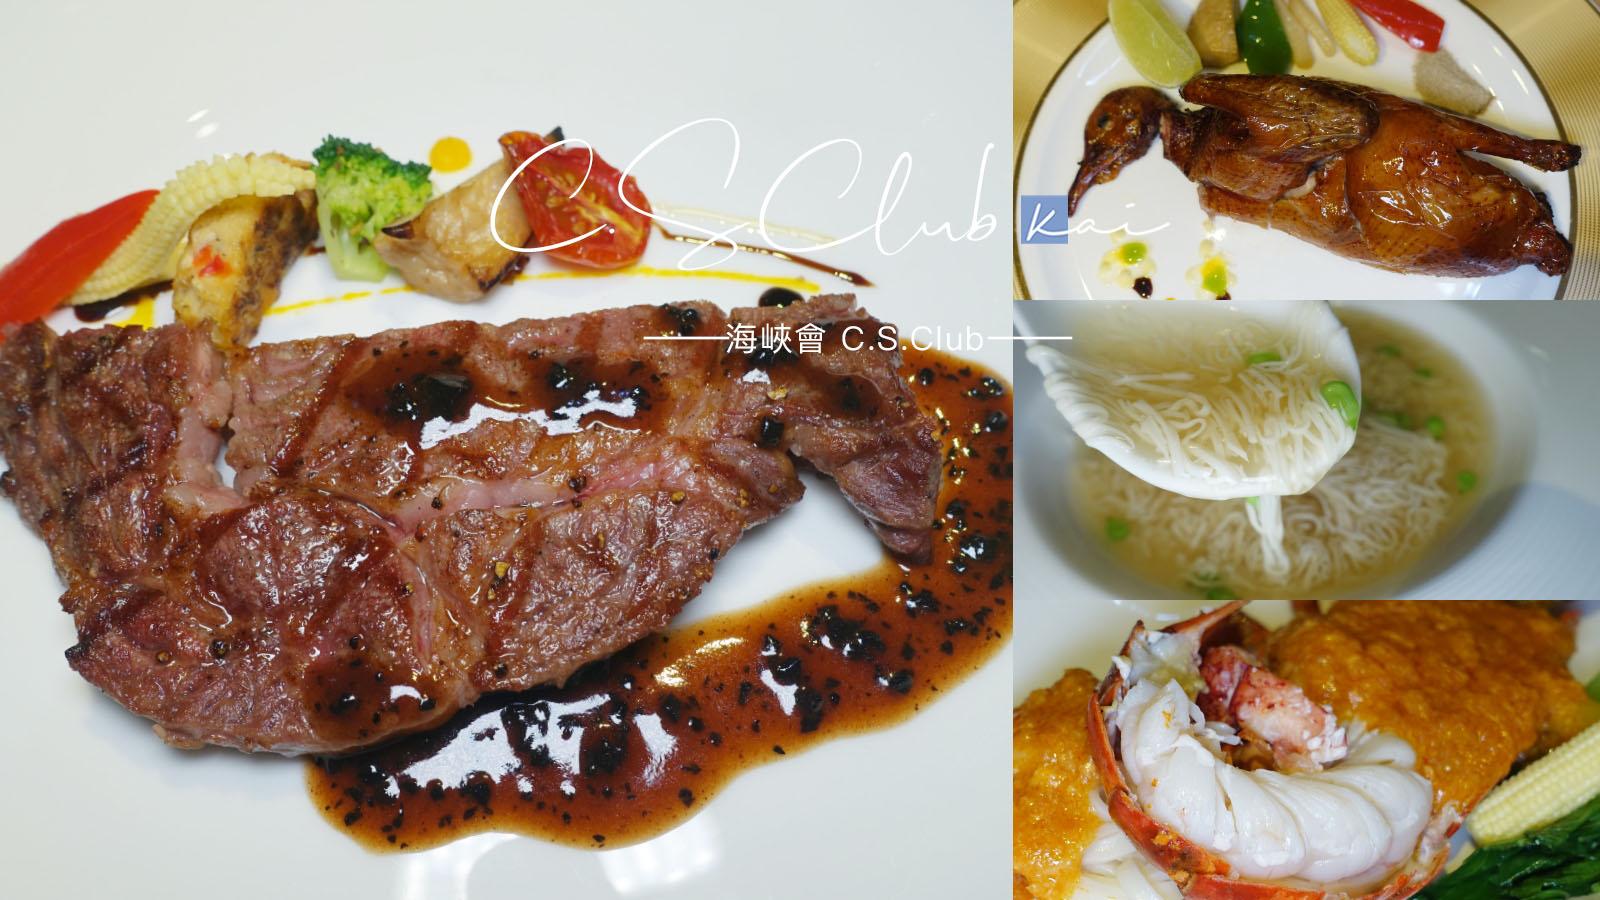 ☆【台北|小巨蛋站】海峽會。1500坪豪華私人招待所的頂級饌饗 @凱的日本食尚日記